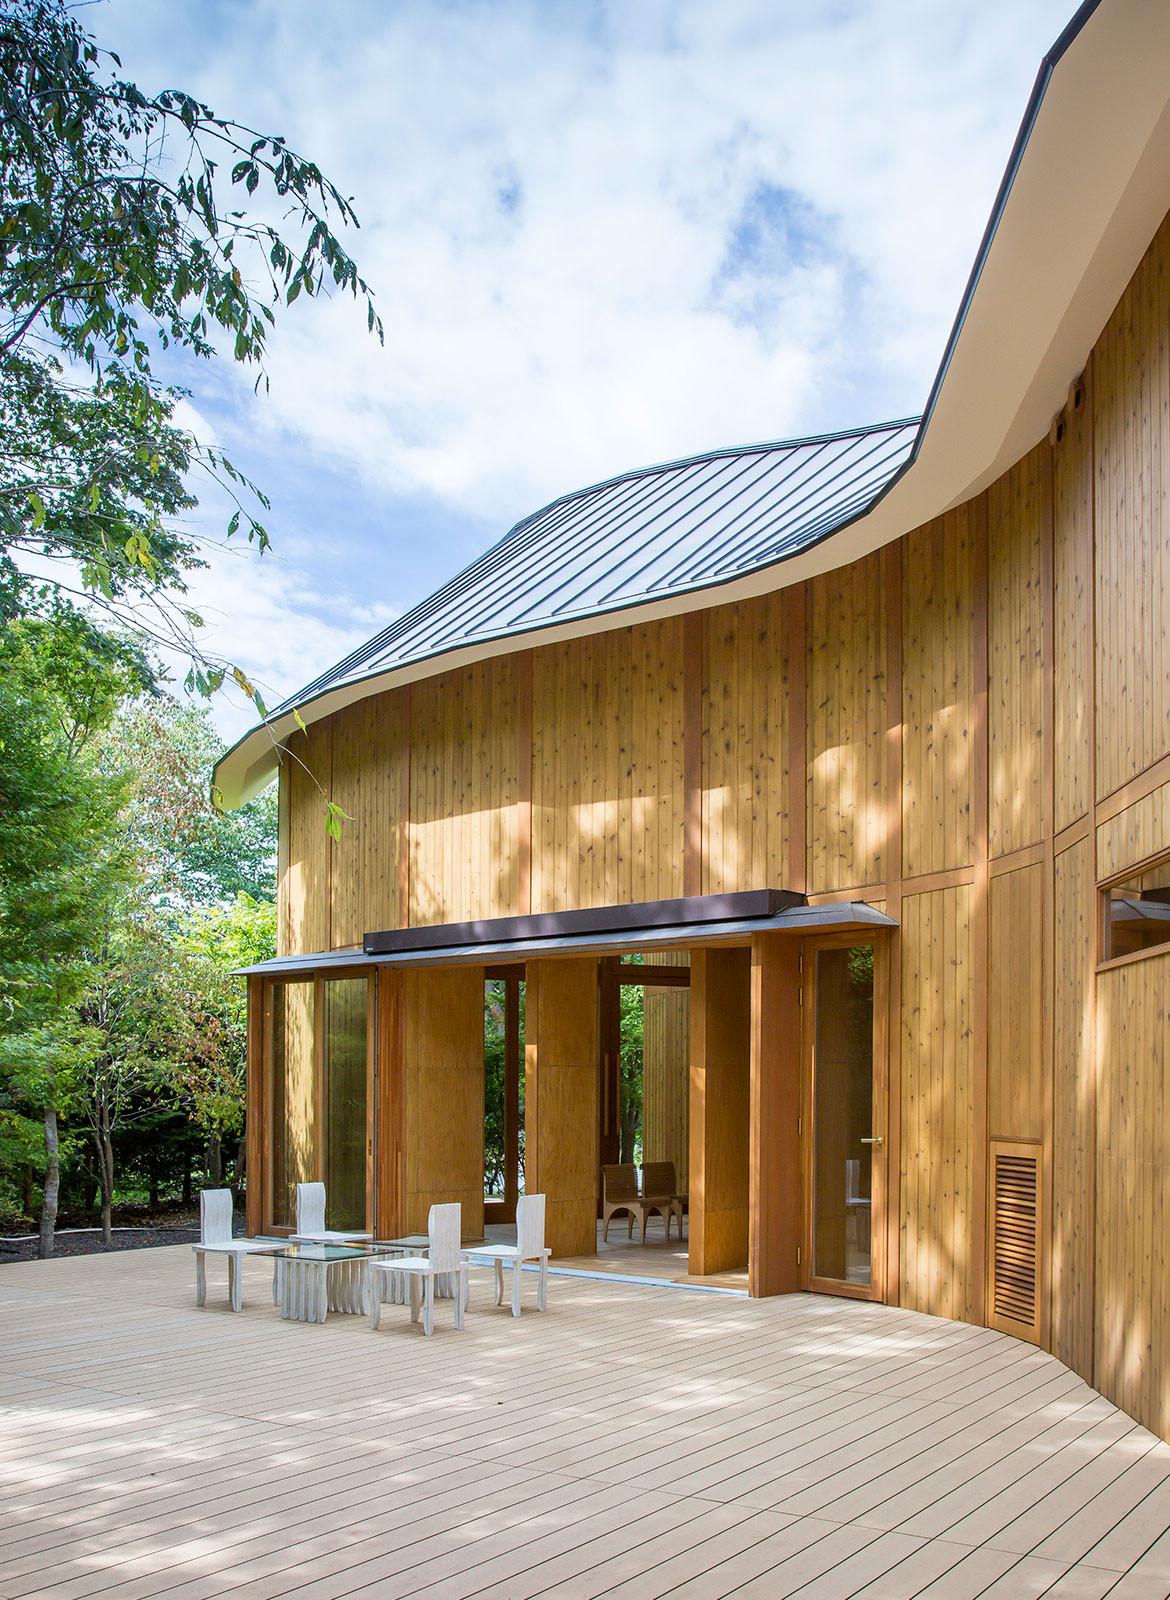 Shishi-Iwa House Shigeru Ban Japan exterior garden